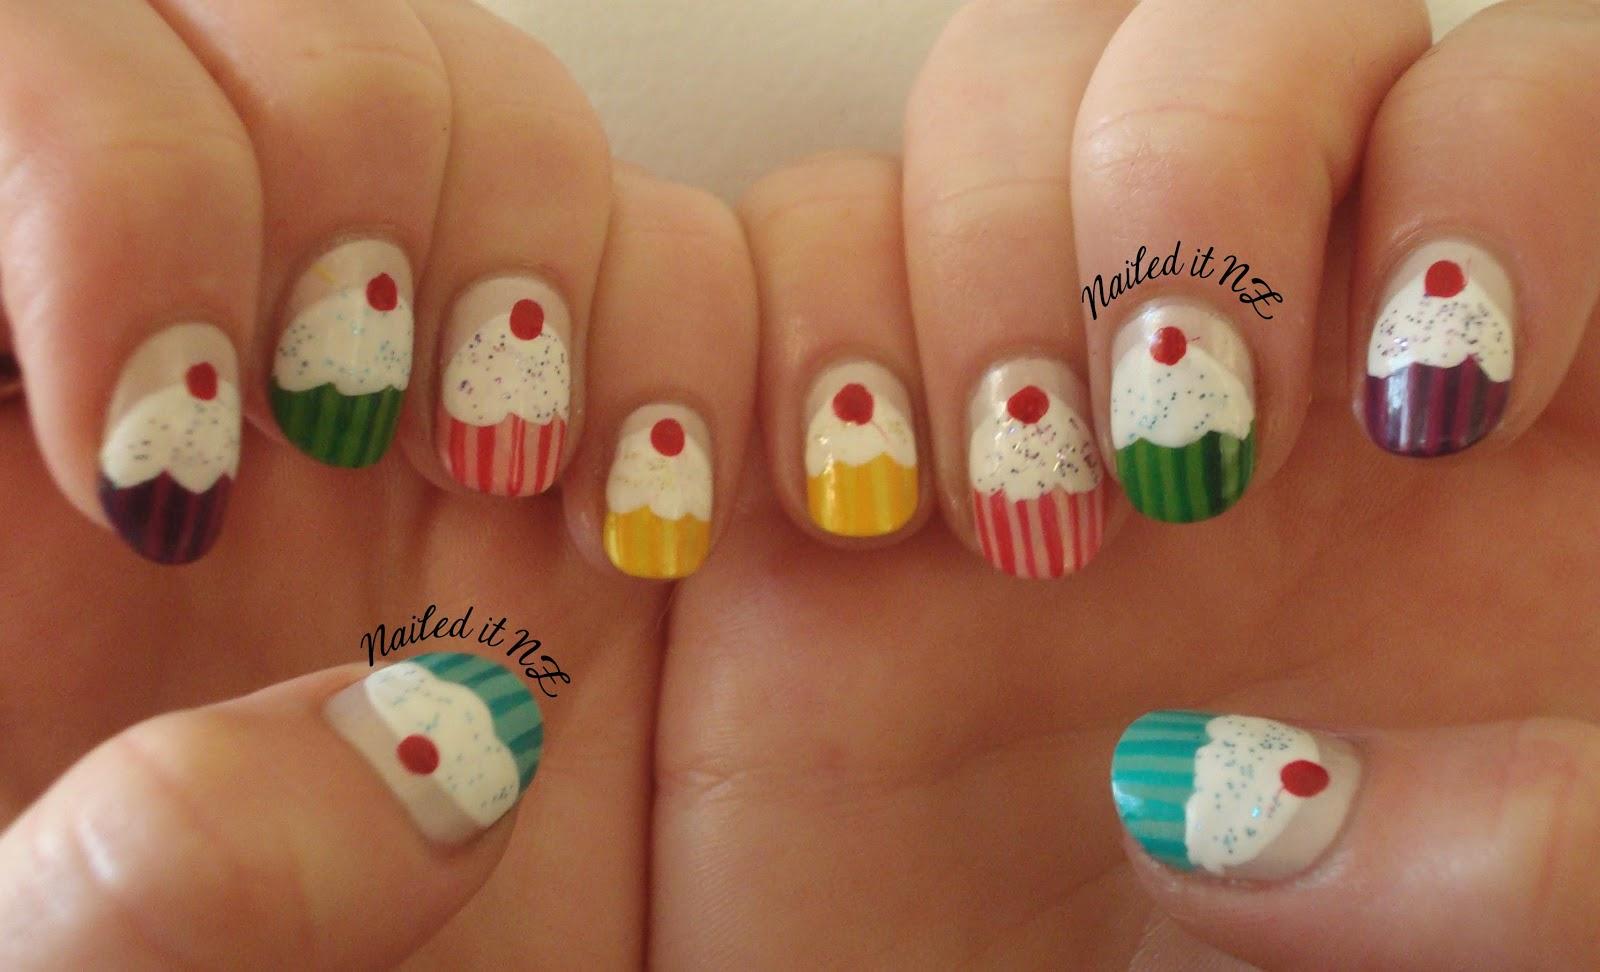 Nail art for short nails 6 cupcake nails - Easy nail designs for short nails at home ...